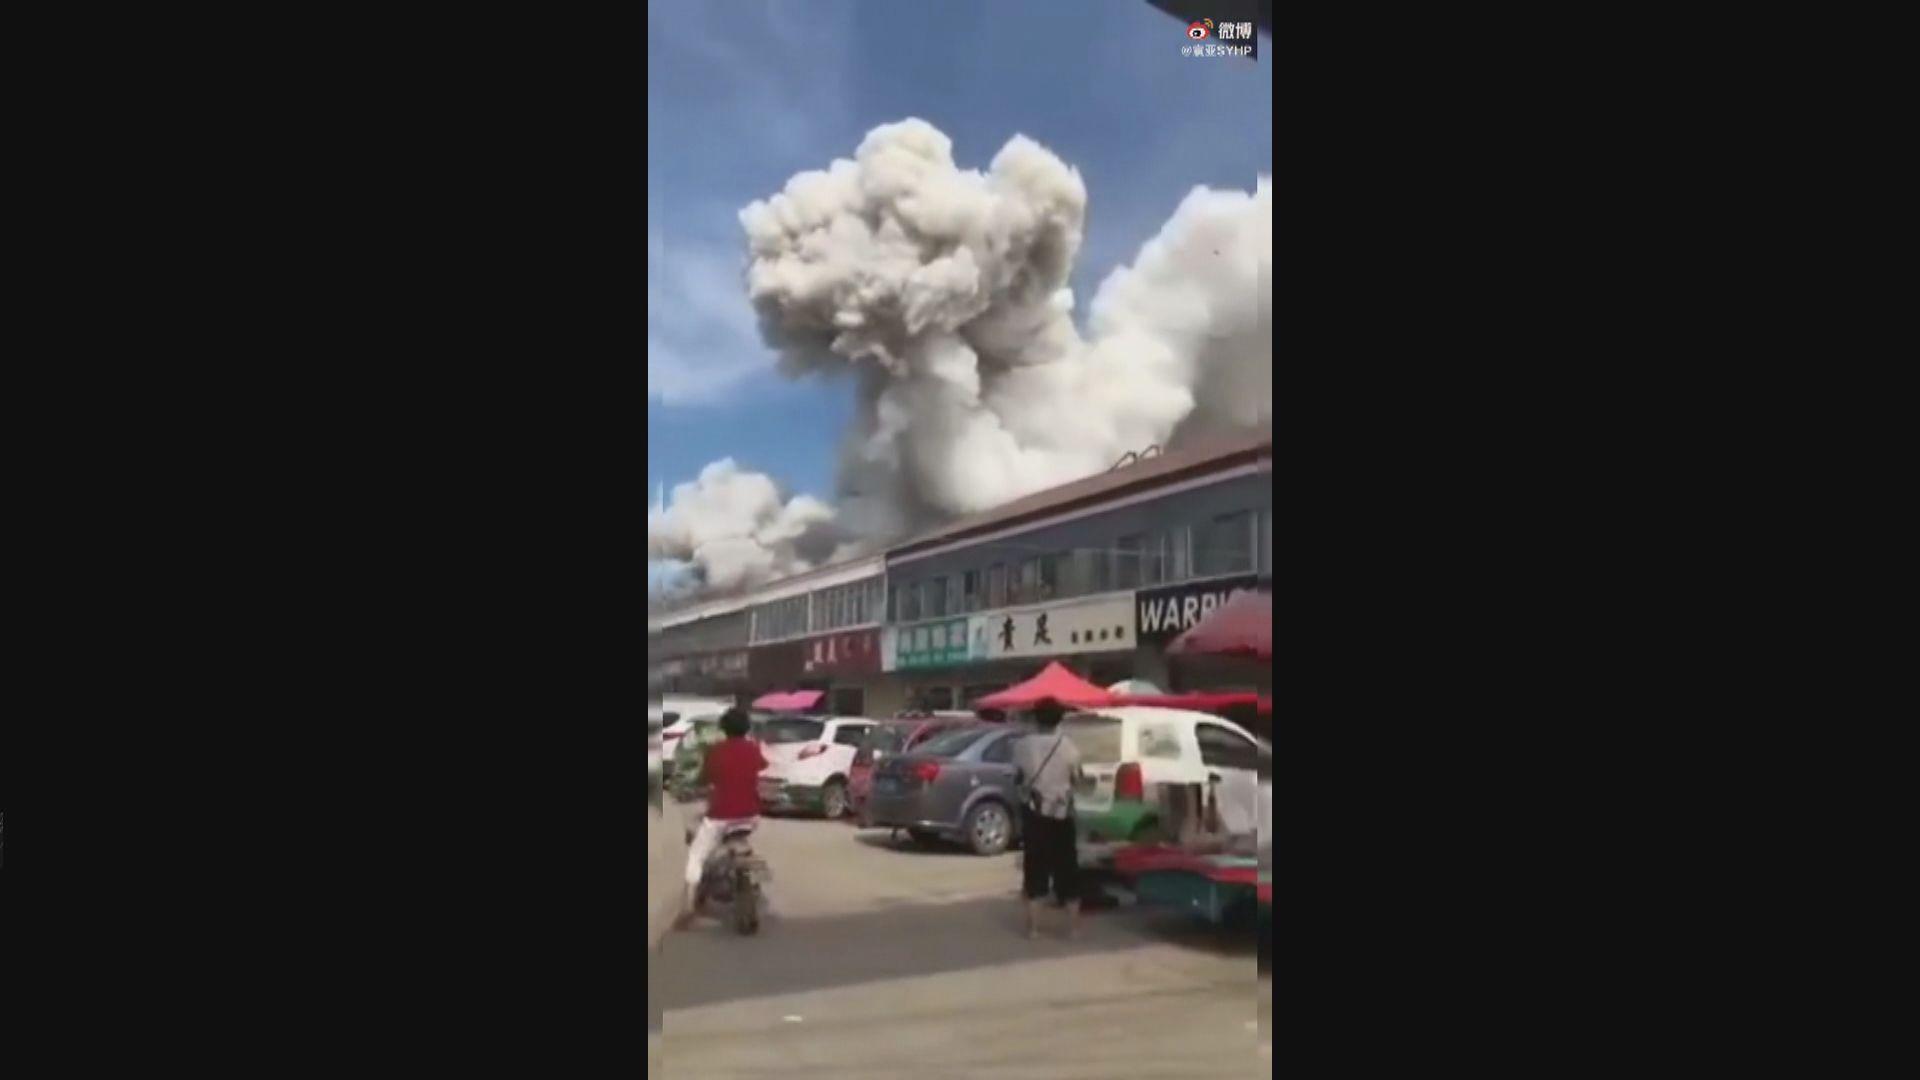 山東省有農資倉庫爆炸釀至少兩死